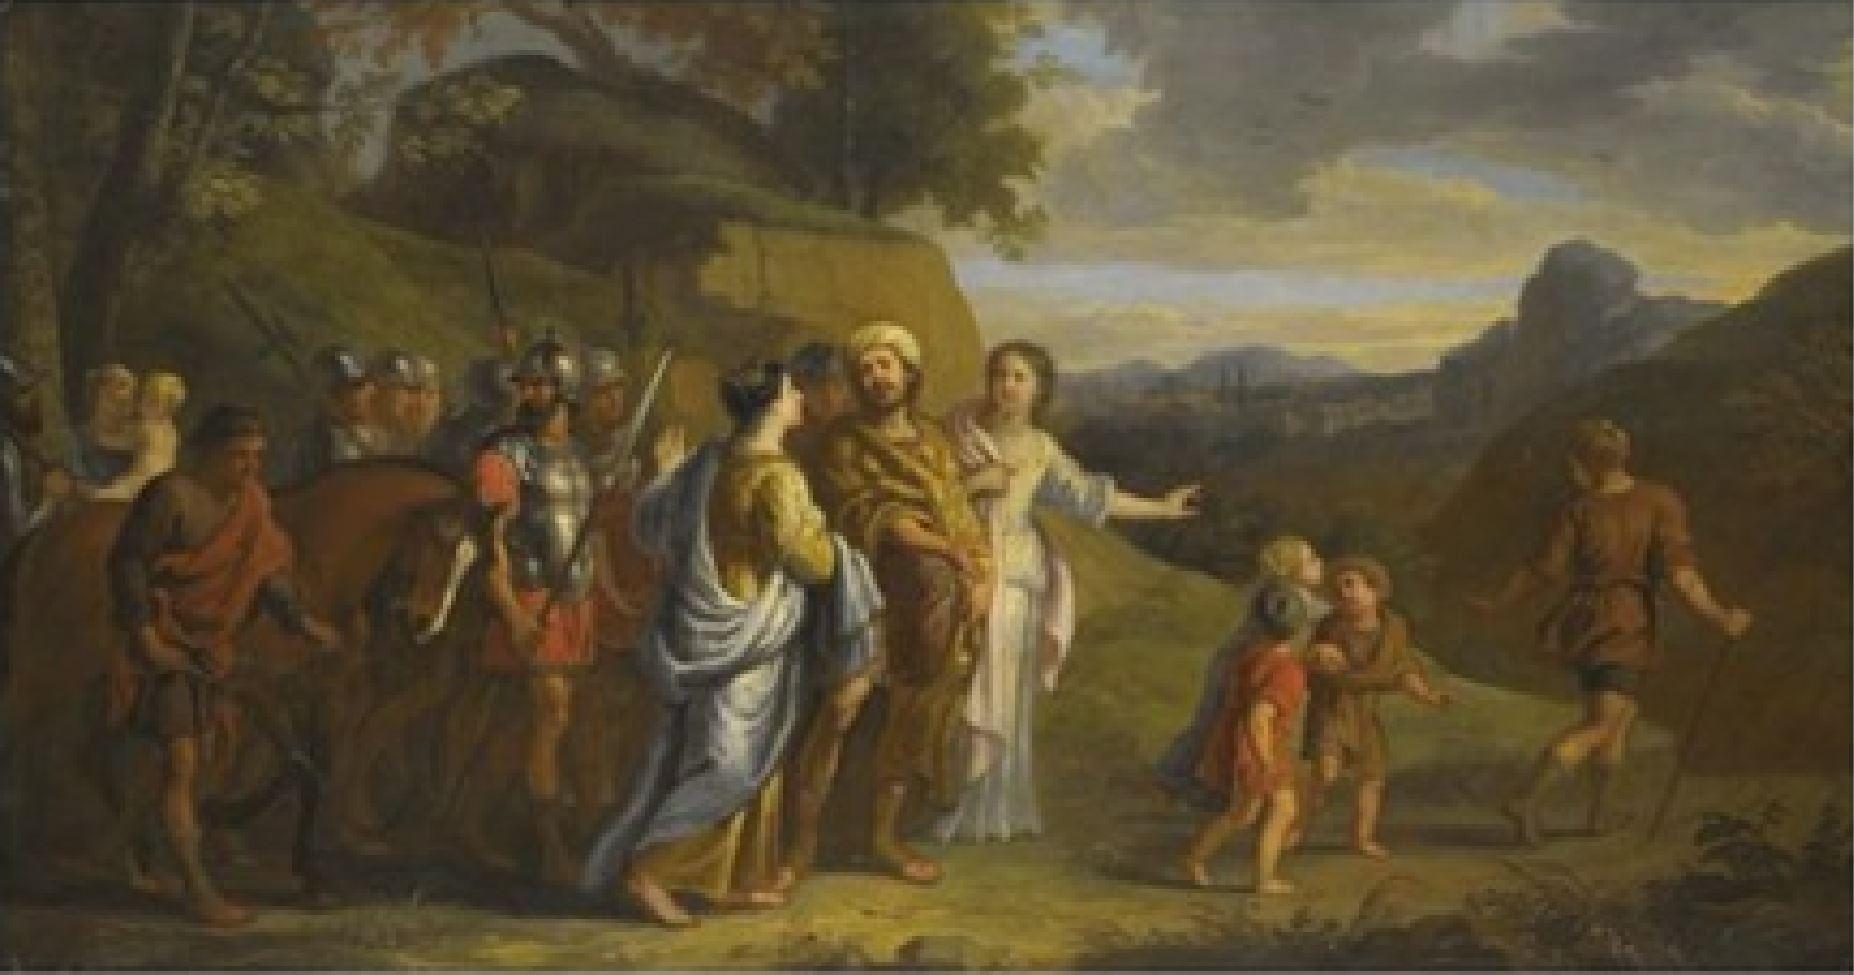 erasmus-quellinus-le jeune 1640-60 Coriolan implore d'epargner Rome coll priv